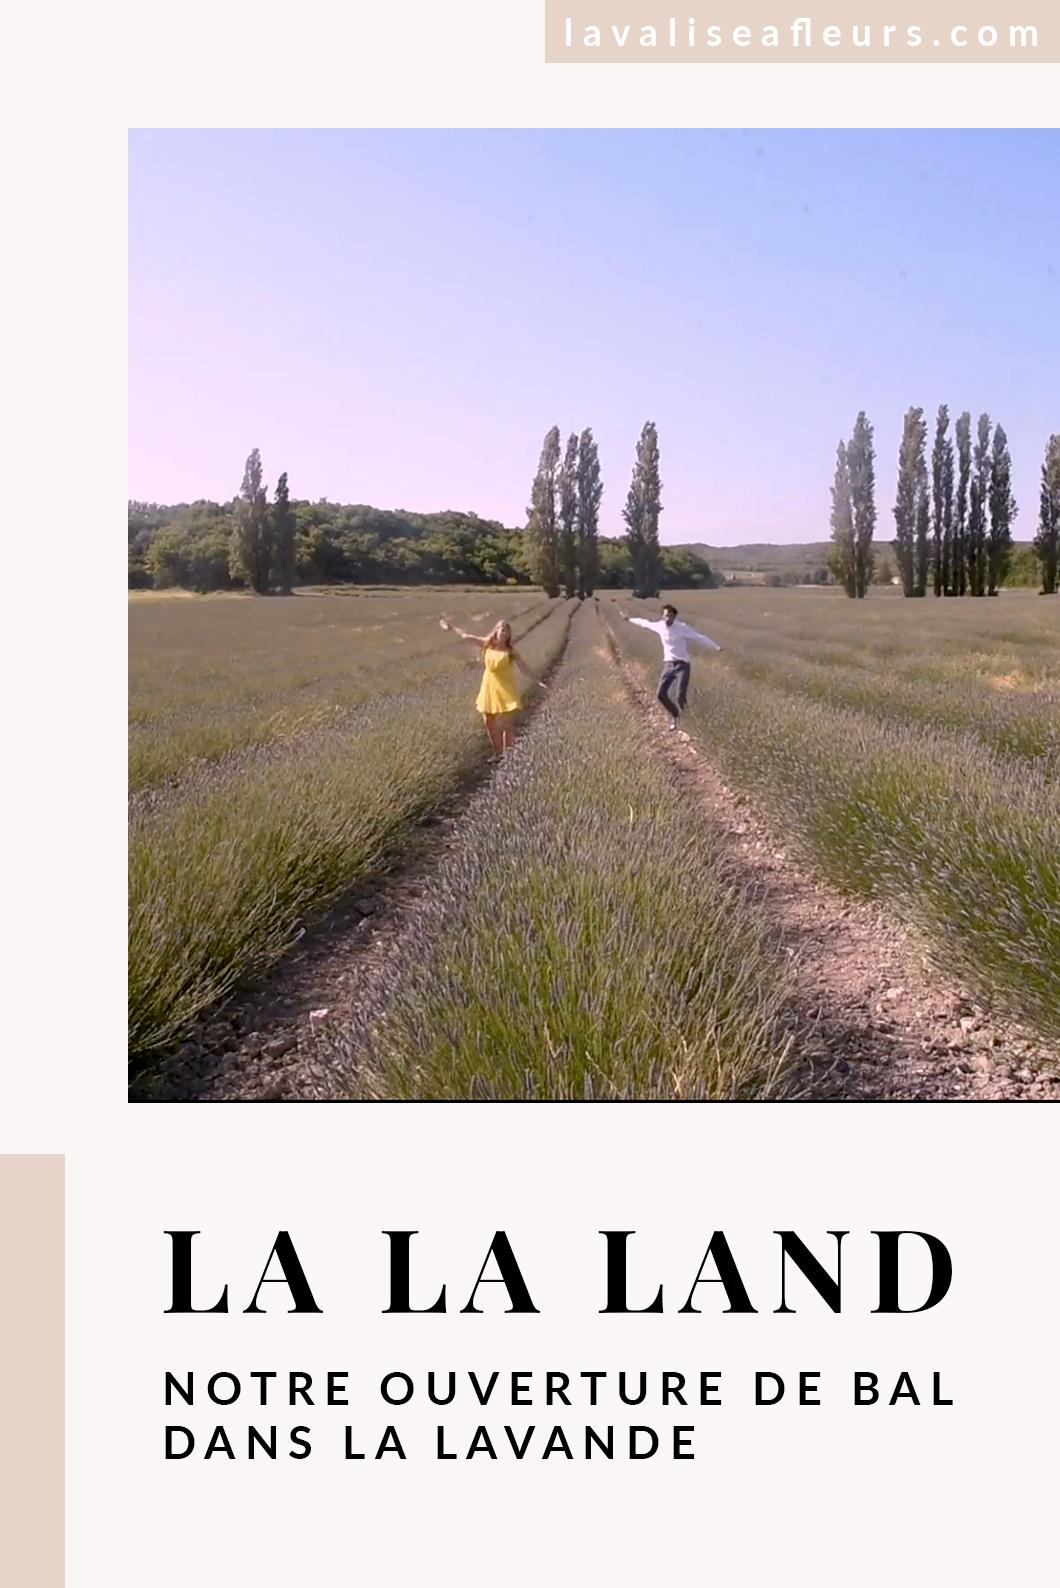 Notre danse d'ouverture sur La La Land dans la lavande